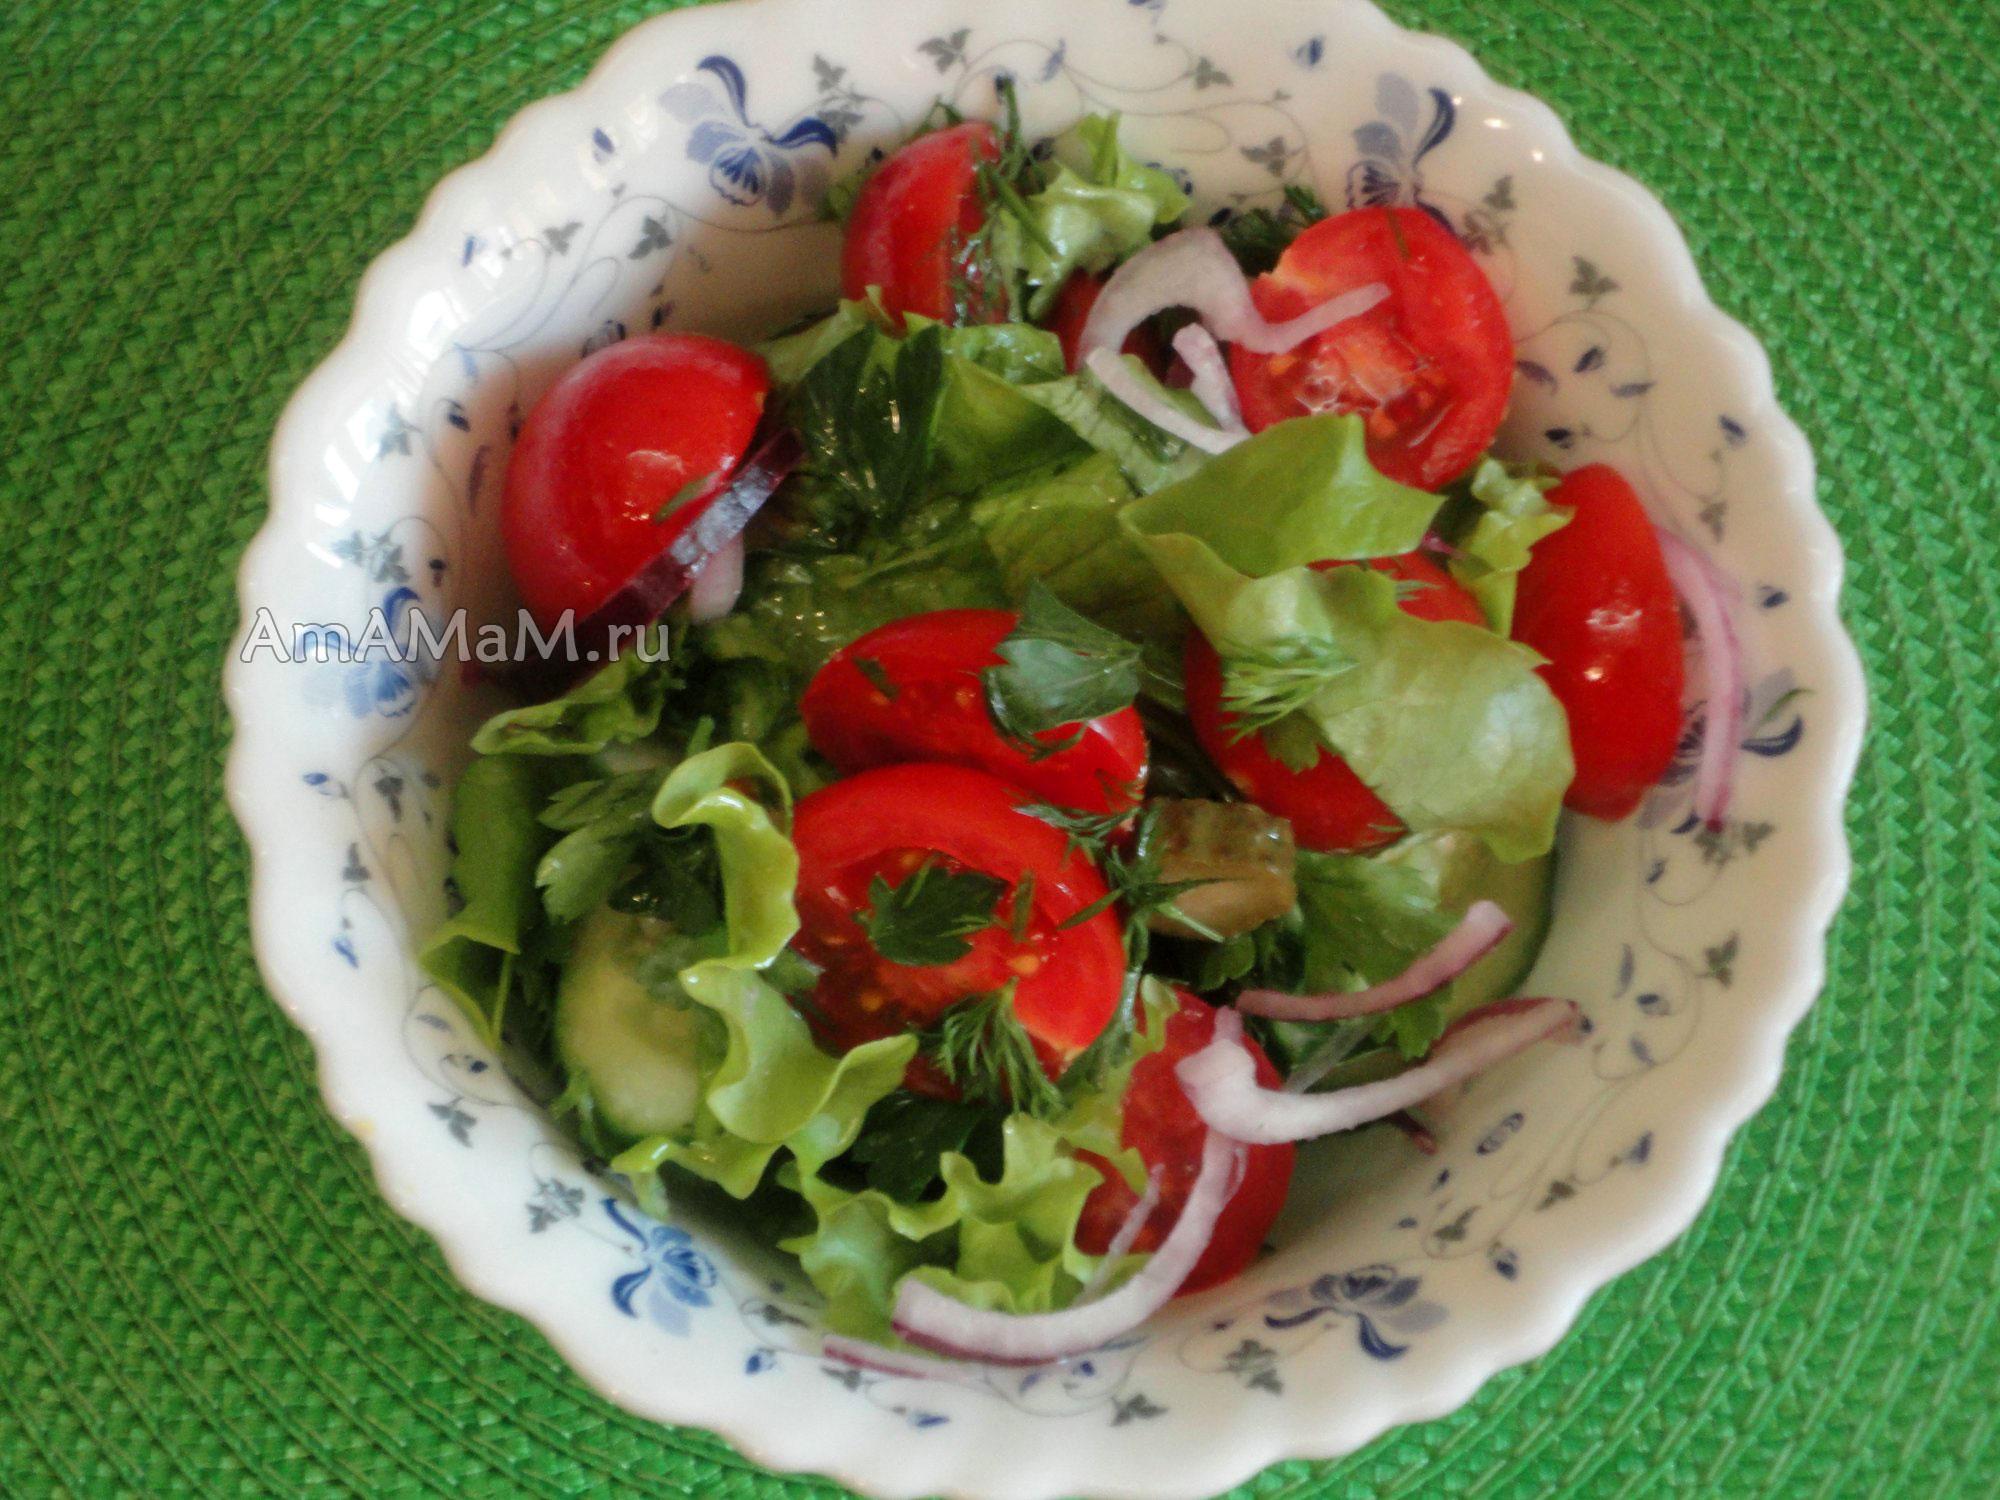 Салат с тертым сыром и мясом